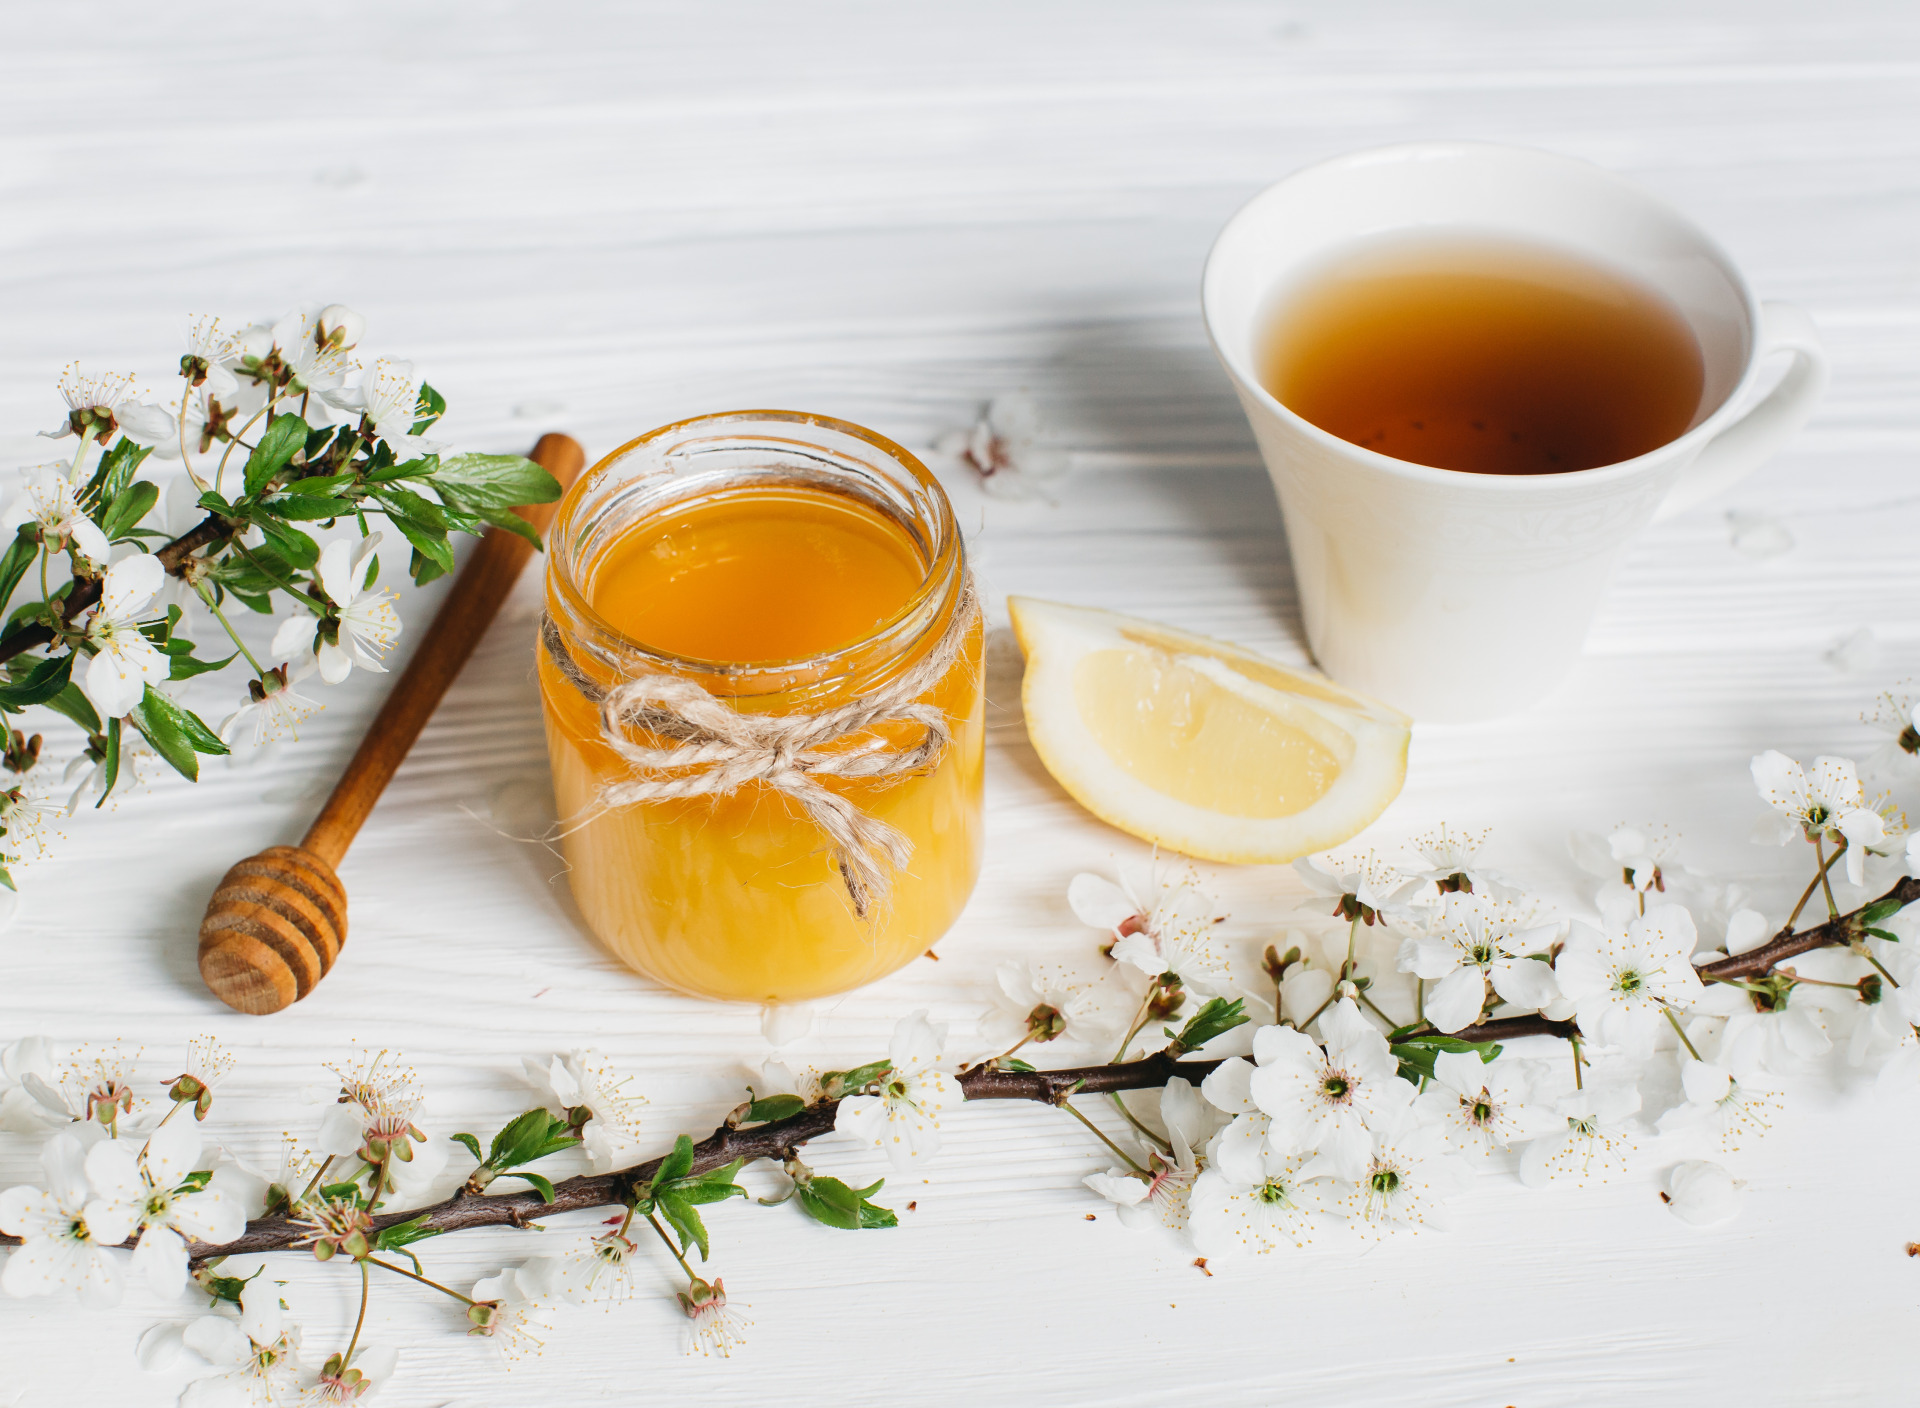 чашка чая и мед фото образовавшуюся струю